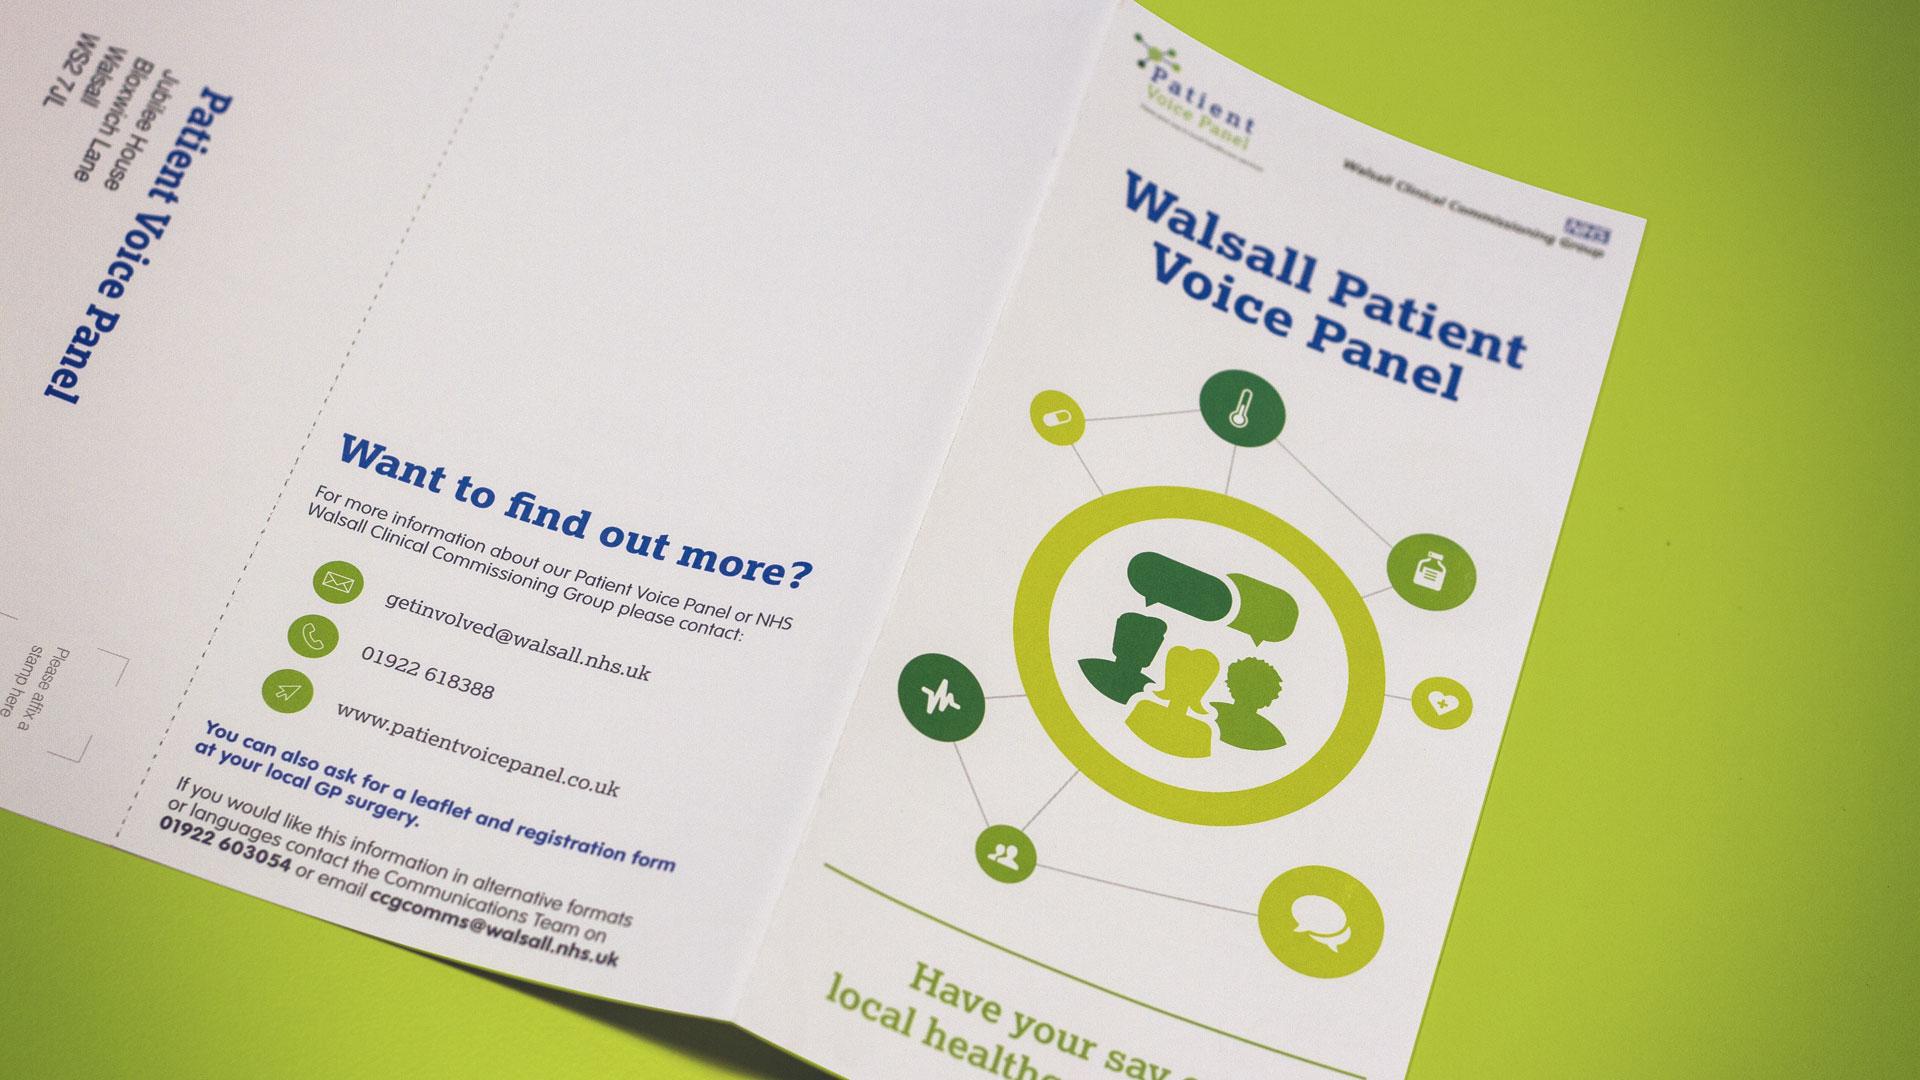 Patient Voice Panel Leaflet